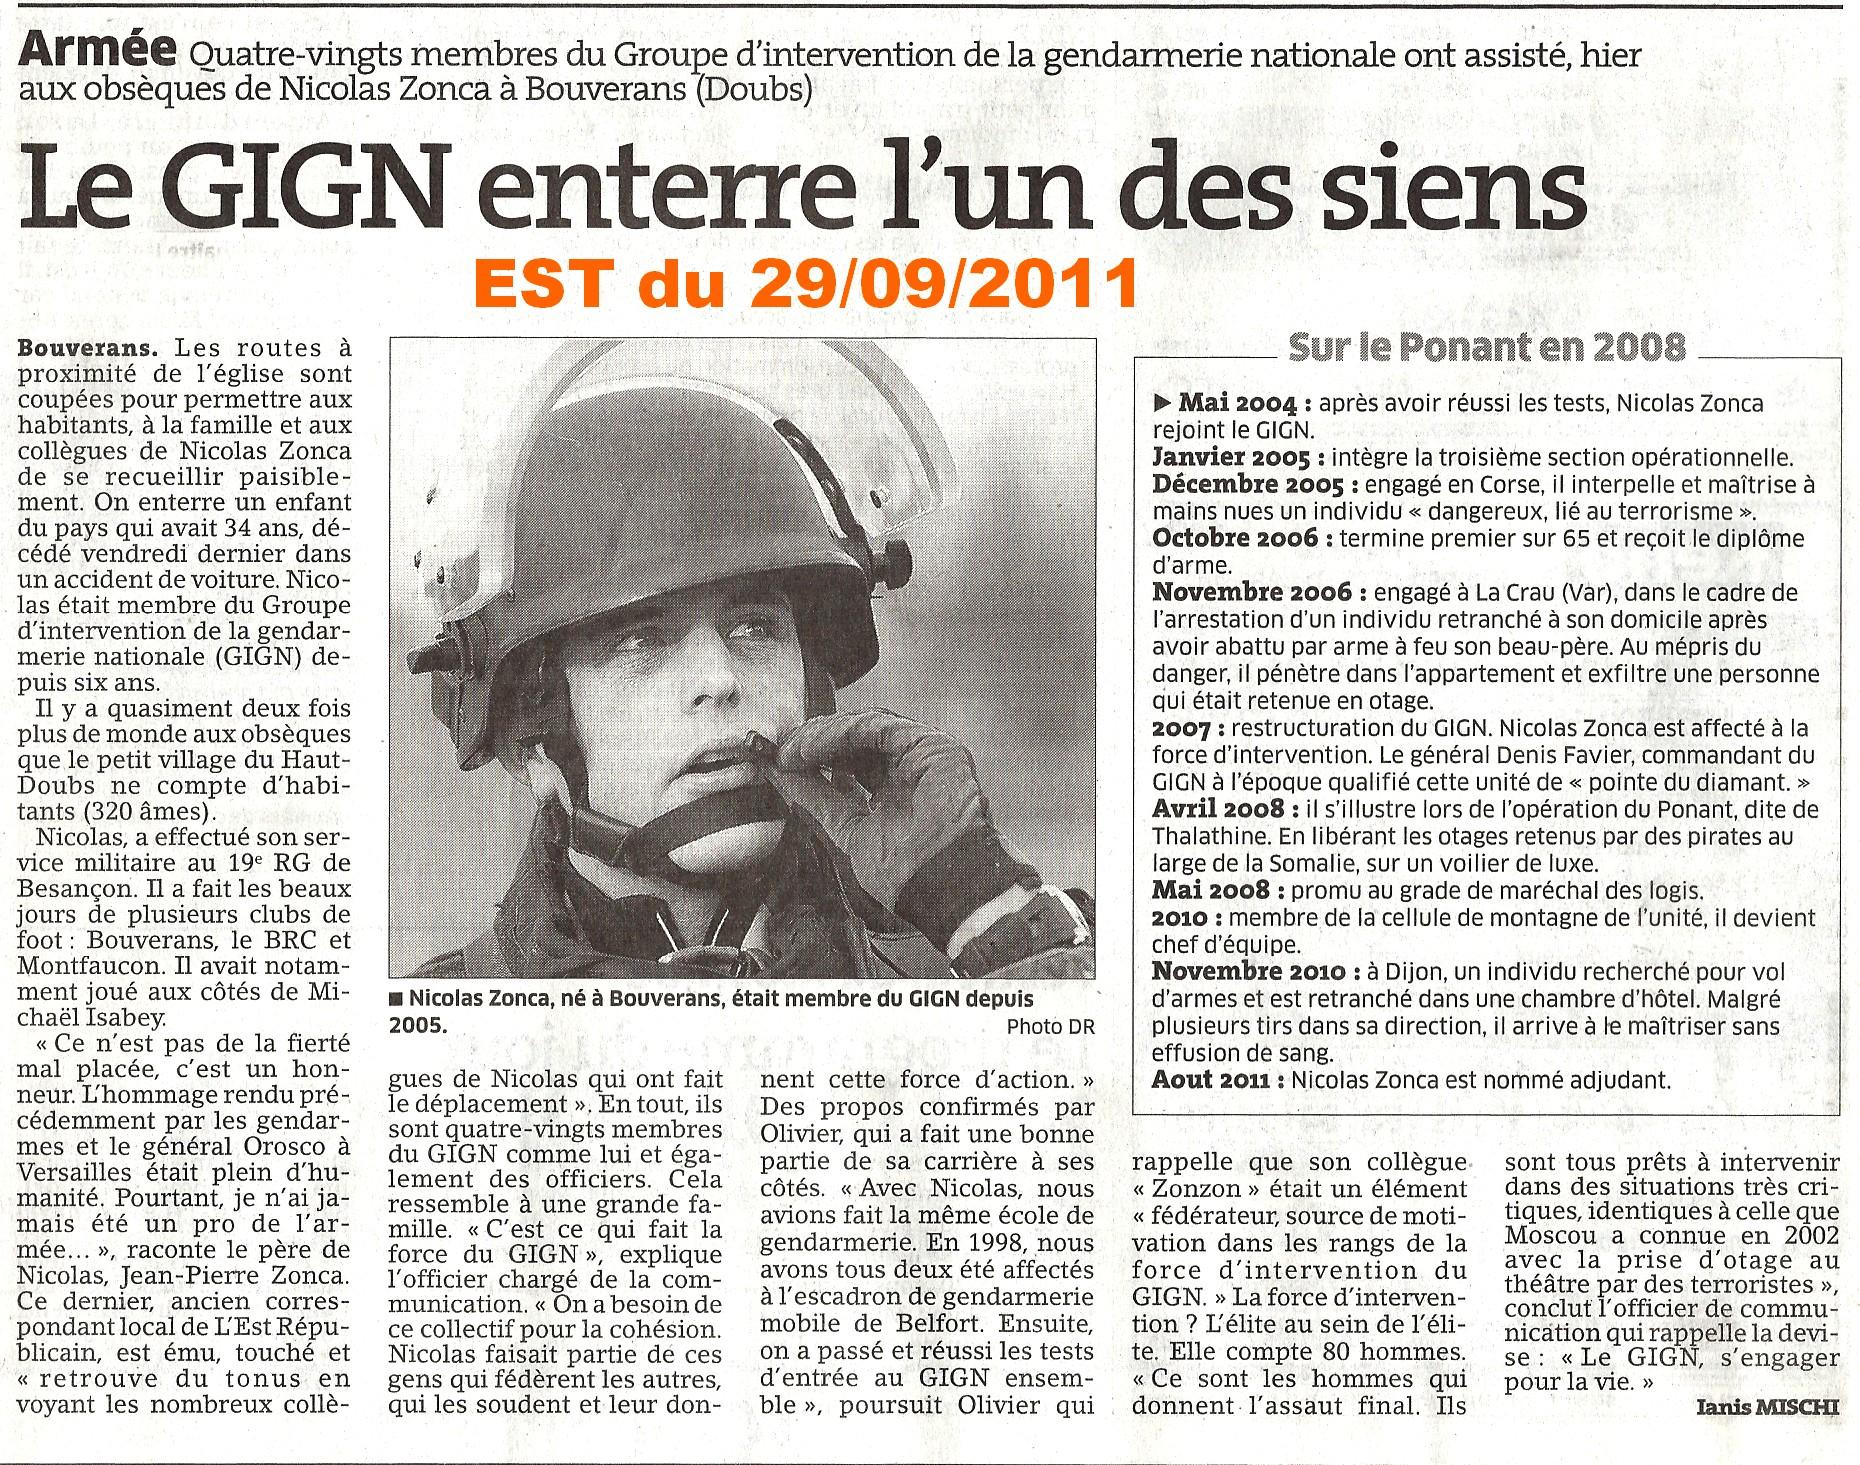 EST du 29/09/2011